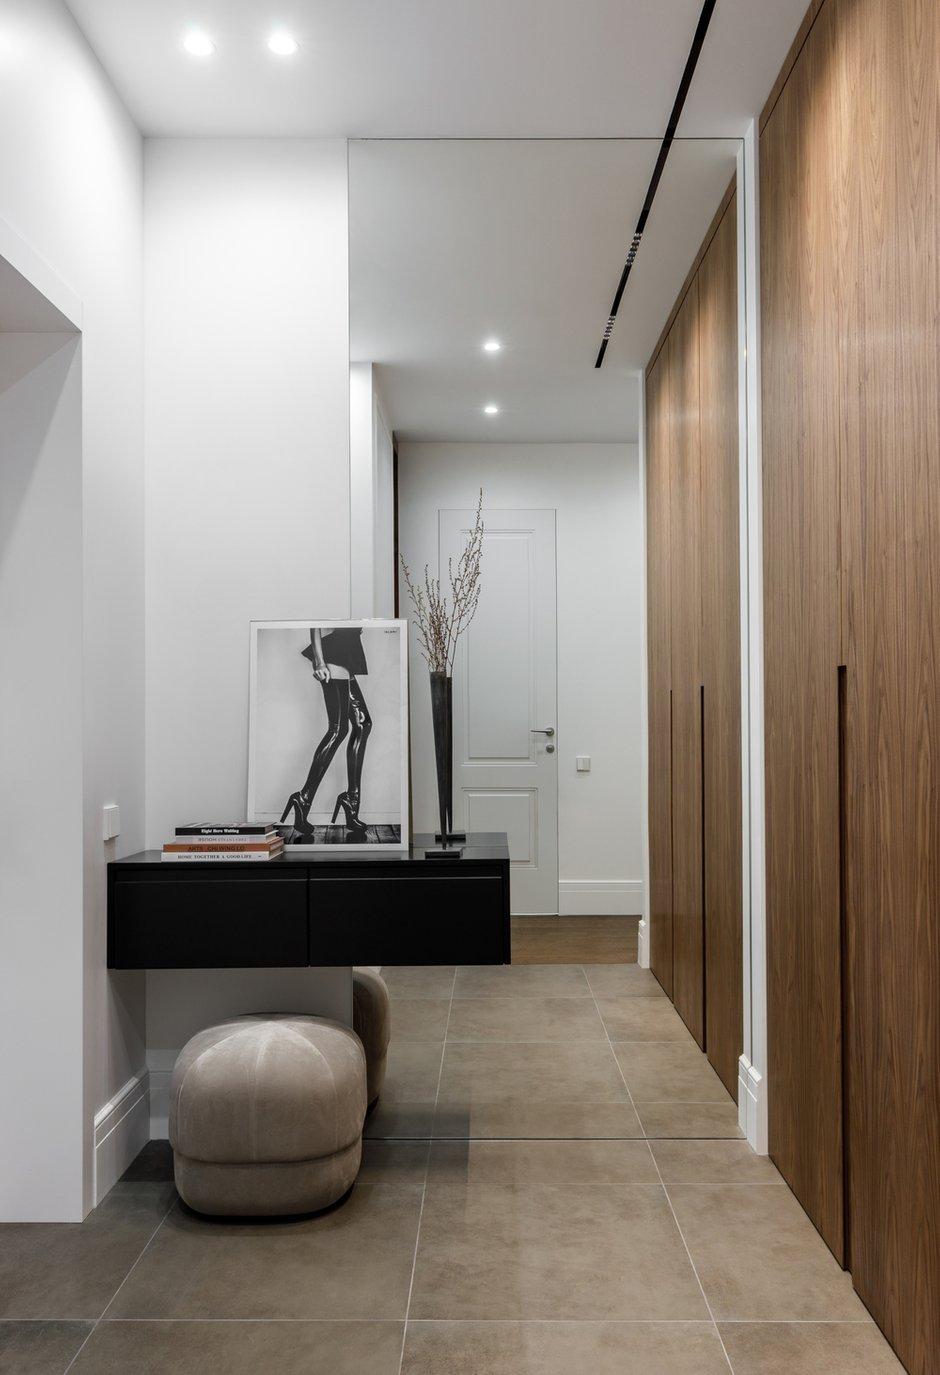 Фотография: Прихожая в стиле Современный, Квартира, Проект недели, Москва, 2 комнаты, 40-60 метров, Icon Interiors, Инга Моисеева – фото на INMYROOM